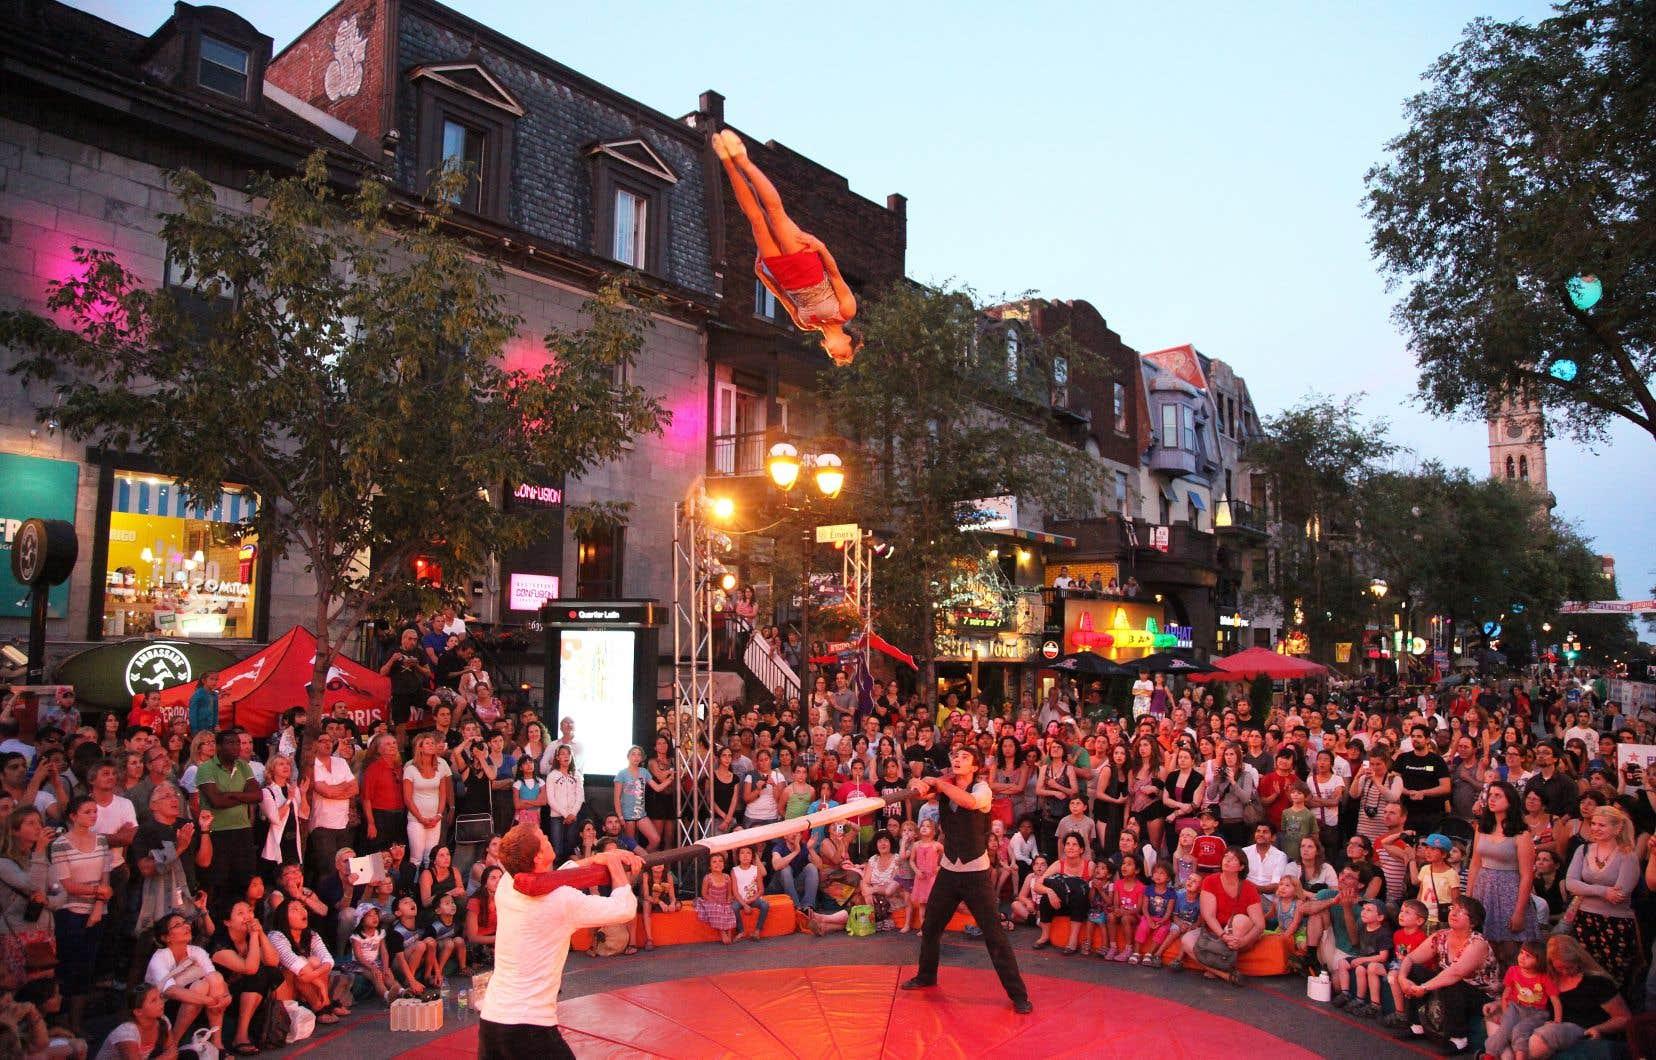 L'équipe du festival a envisagé tous les scénarios possibles pour la tenue du festival, mais que le nombre de répétitions requises pour mener à bien les spectacles était trop grand.